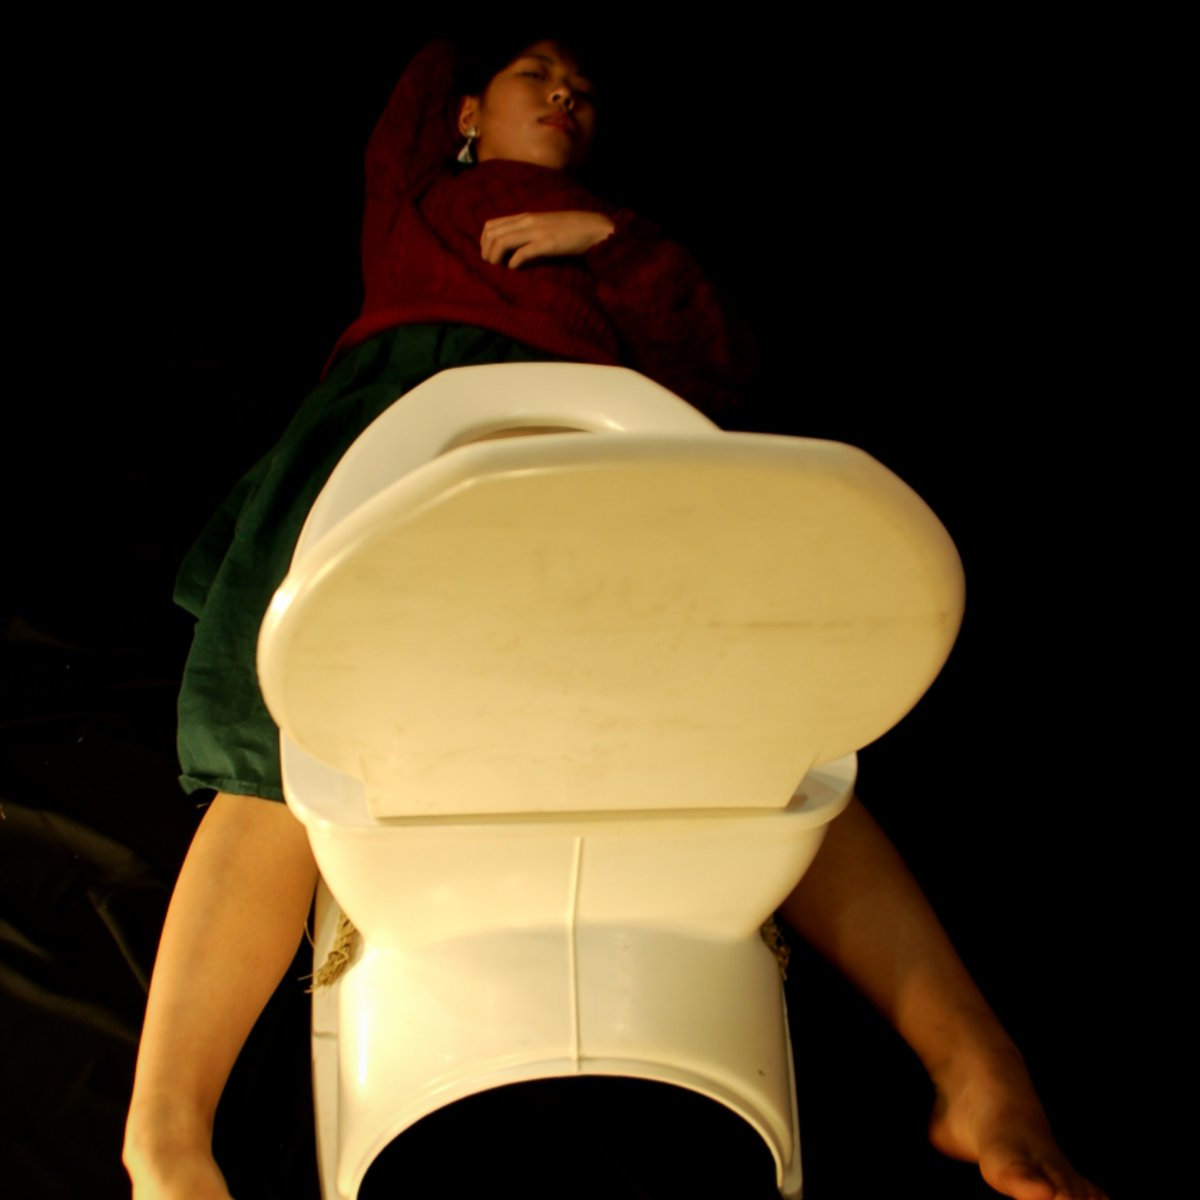 便器はアートである。This is Art.#芸術 #art#便器 #toilet#便器男子 #toiletboy#便器女子 #toiletgirl#便器はアートである#アーティスト #Artist#エンターテインメント#entertainment#ユーモア #humor#クソ真面目アート#常識の拡張#弛緩#発端#創造的破壊#日本 #Japan#東京 #Tokyo